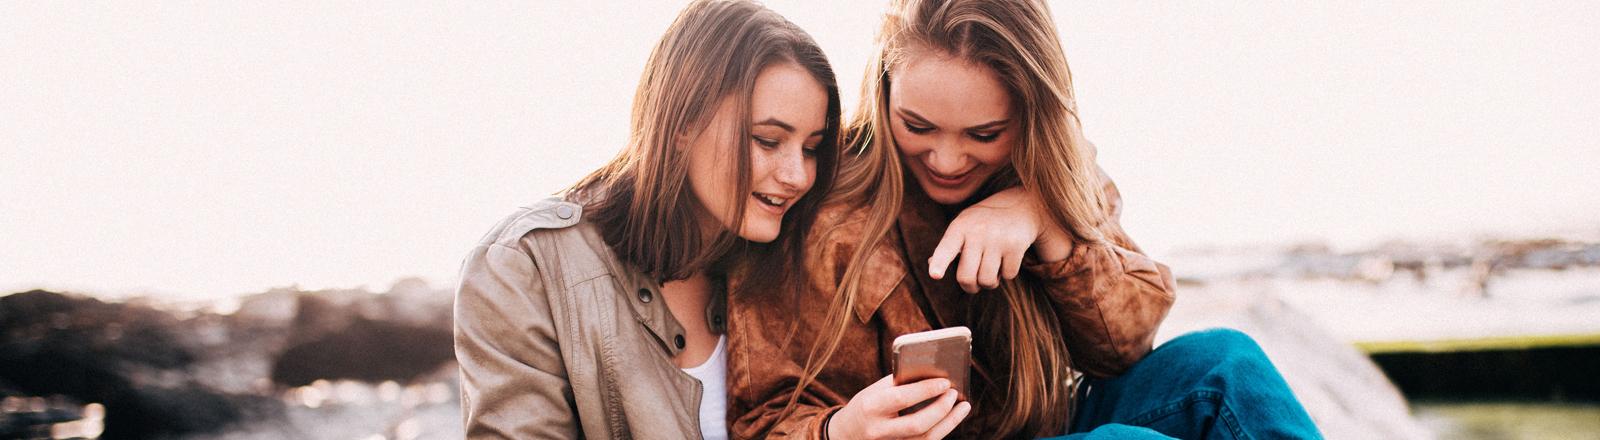 Zwei Mädchen schauen auf ein Smartphone